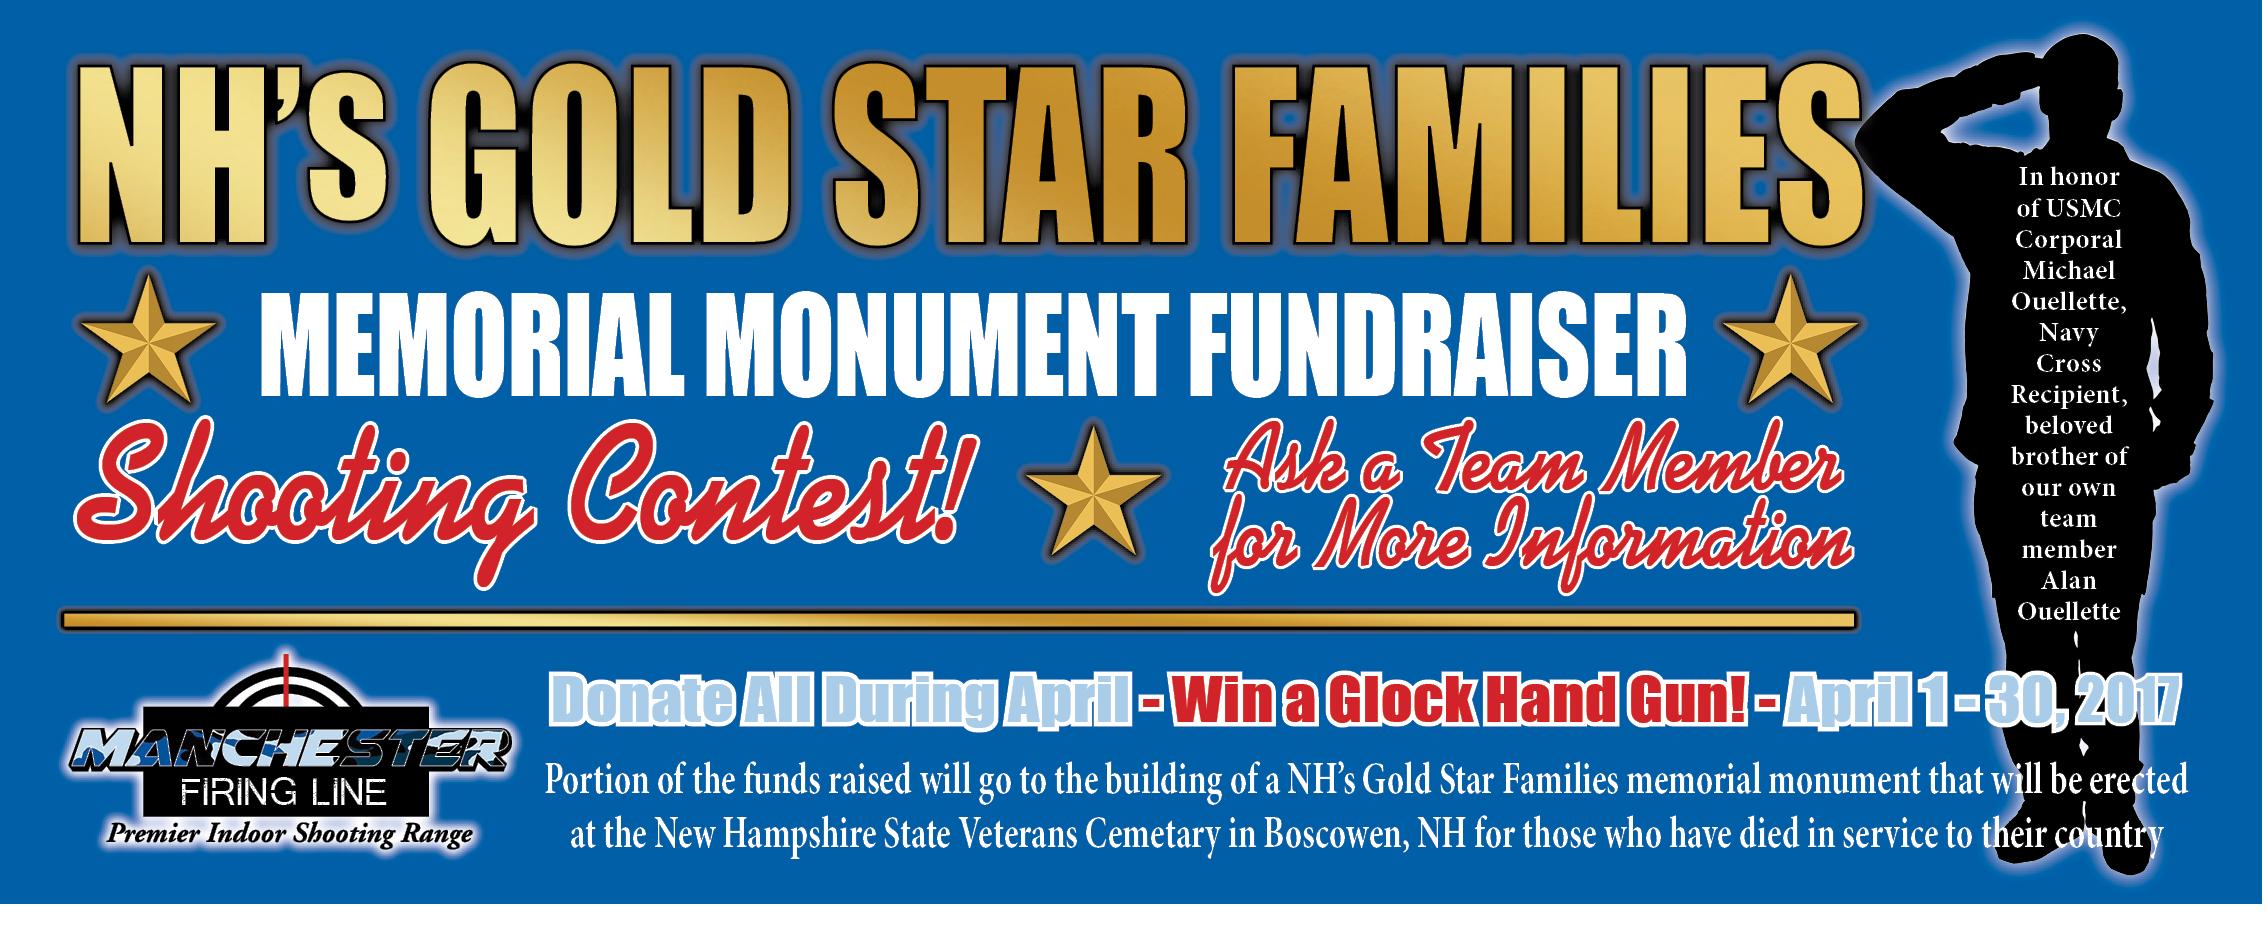 MFL_Gold Star Family Fundraiser Website Banner